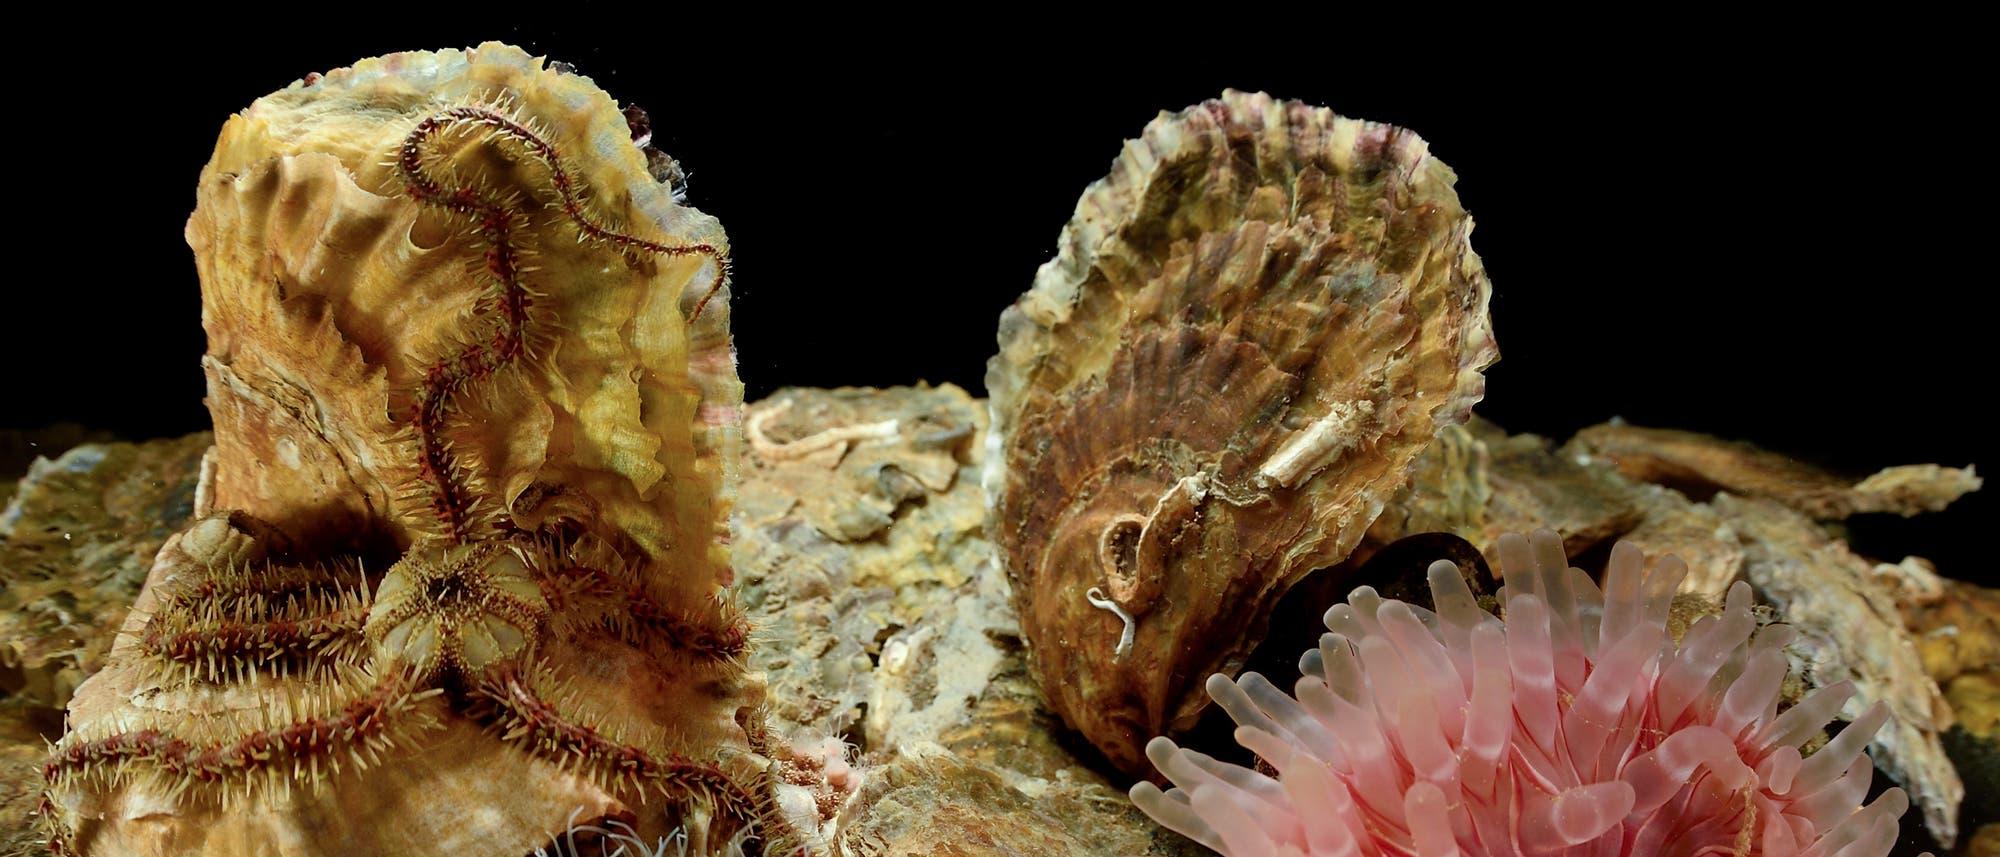 Austernriffe bieten auch anderen Lebewesen eine Heimat